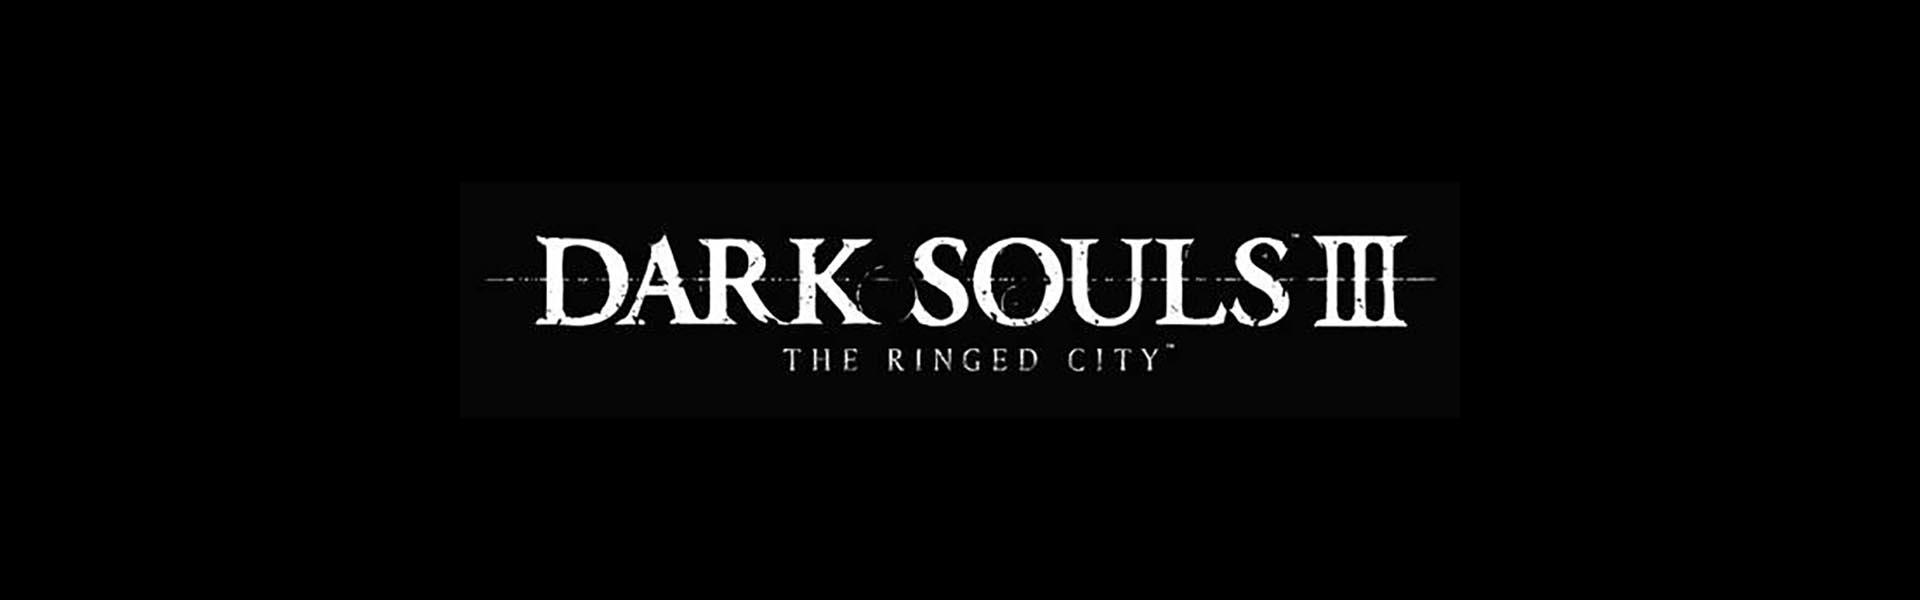 Dark Souls III: The Ringed City ab sofort für PlayStation 4, Xbox One und PC erhältlich